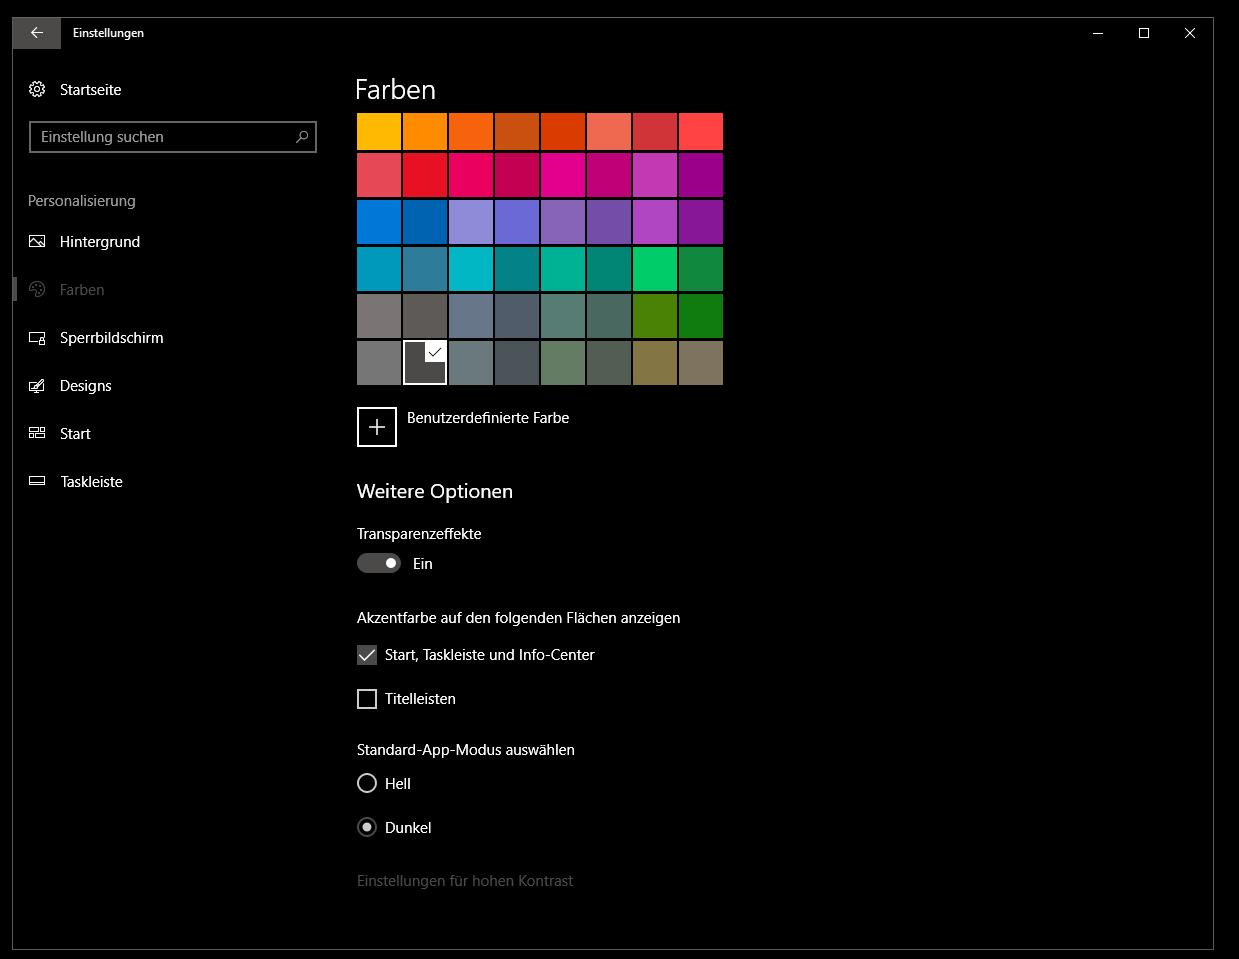 Häufig Windows Fenster Farbe in Schwarz   ComputerBase Forum WO45